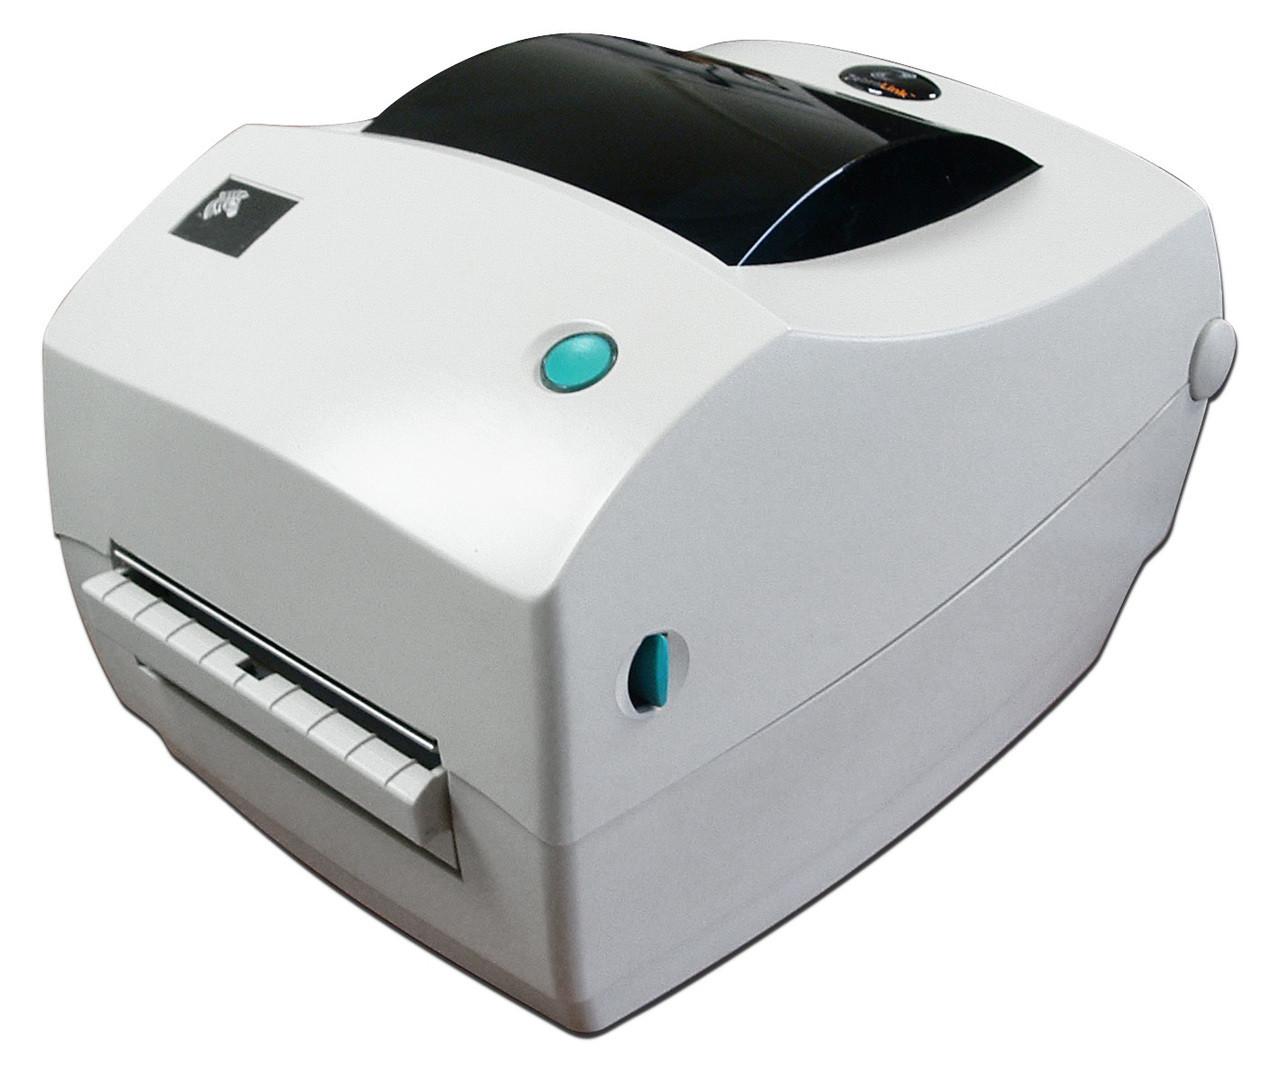 zebra tlp 2844 2844 10302 001 thermal printer. Black Bedroom Furniture Sets. Home Design Ideas